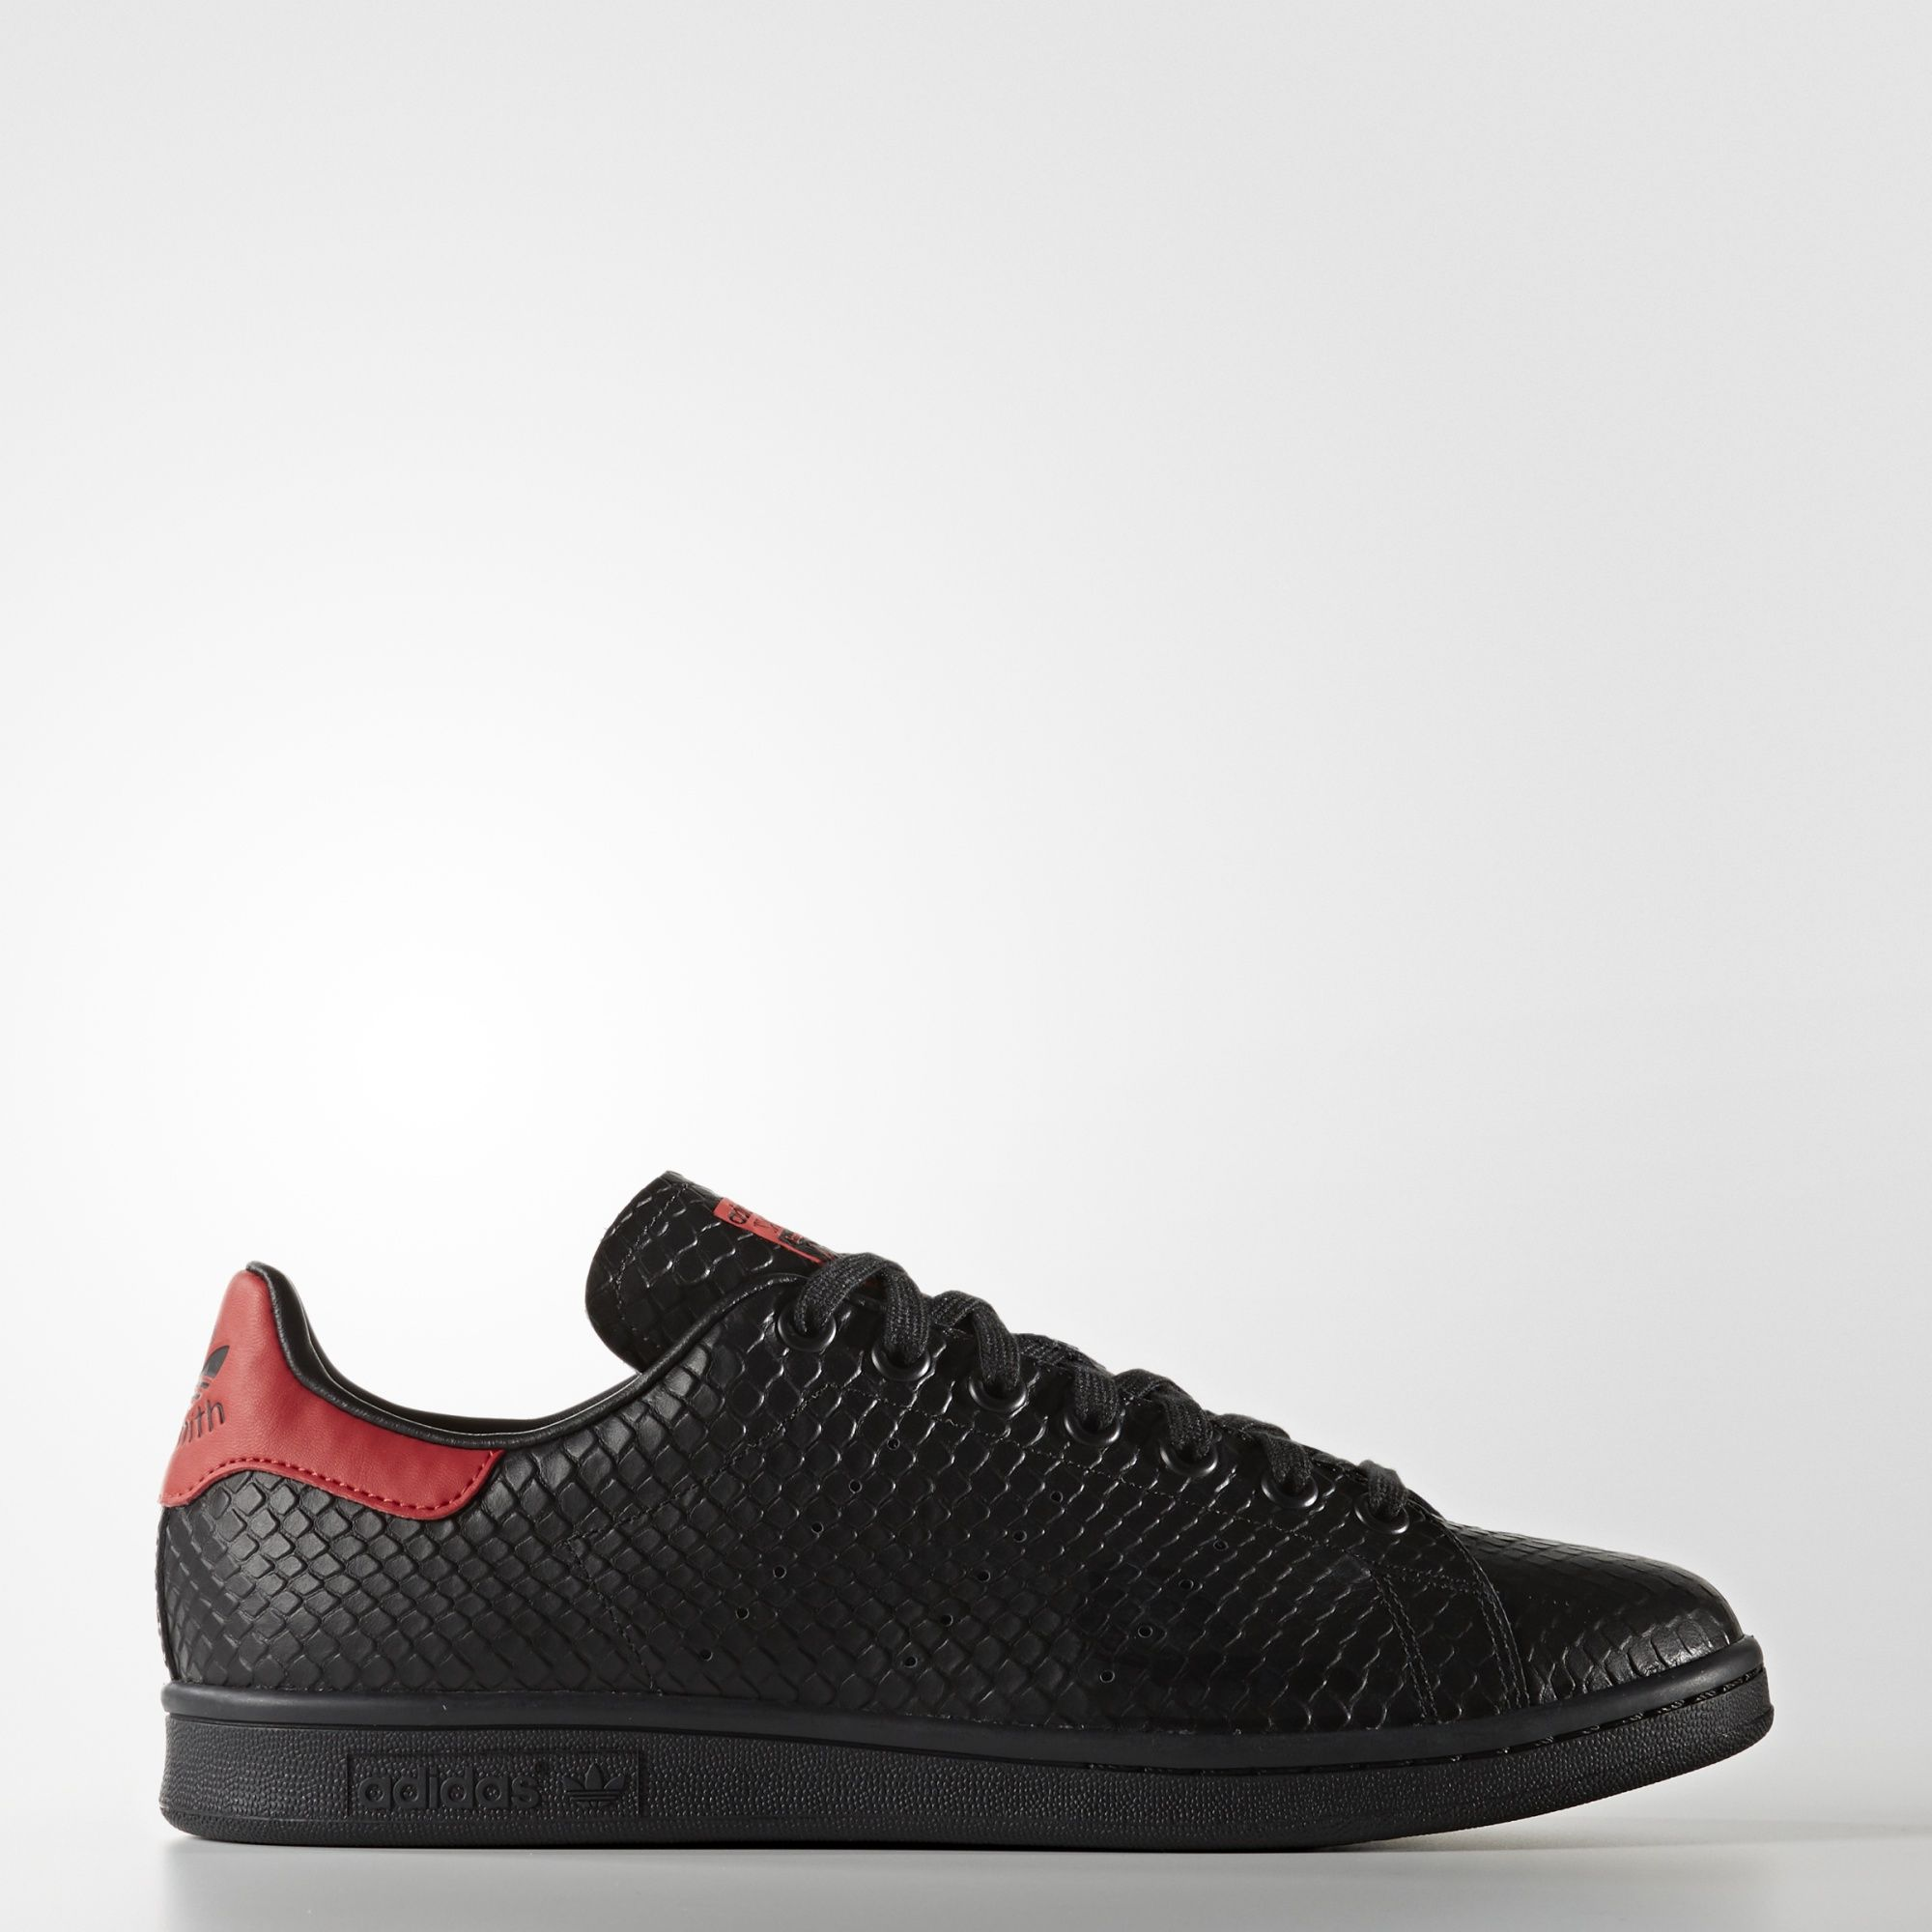 805429df3b Sneakers S80502 Zapatillas Adidas Stan Smith Negro y Rojo Hombre